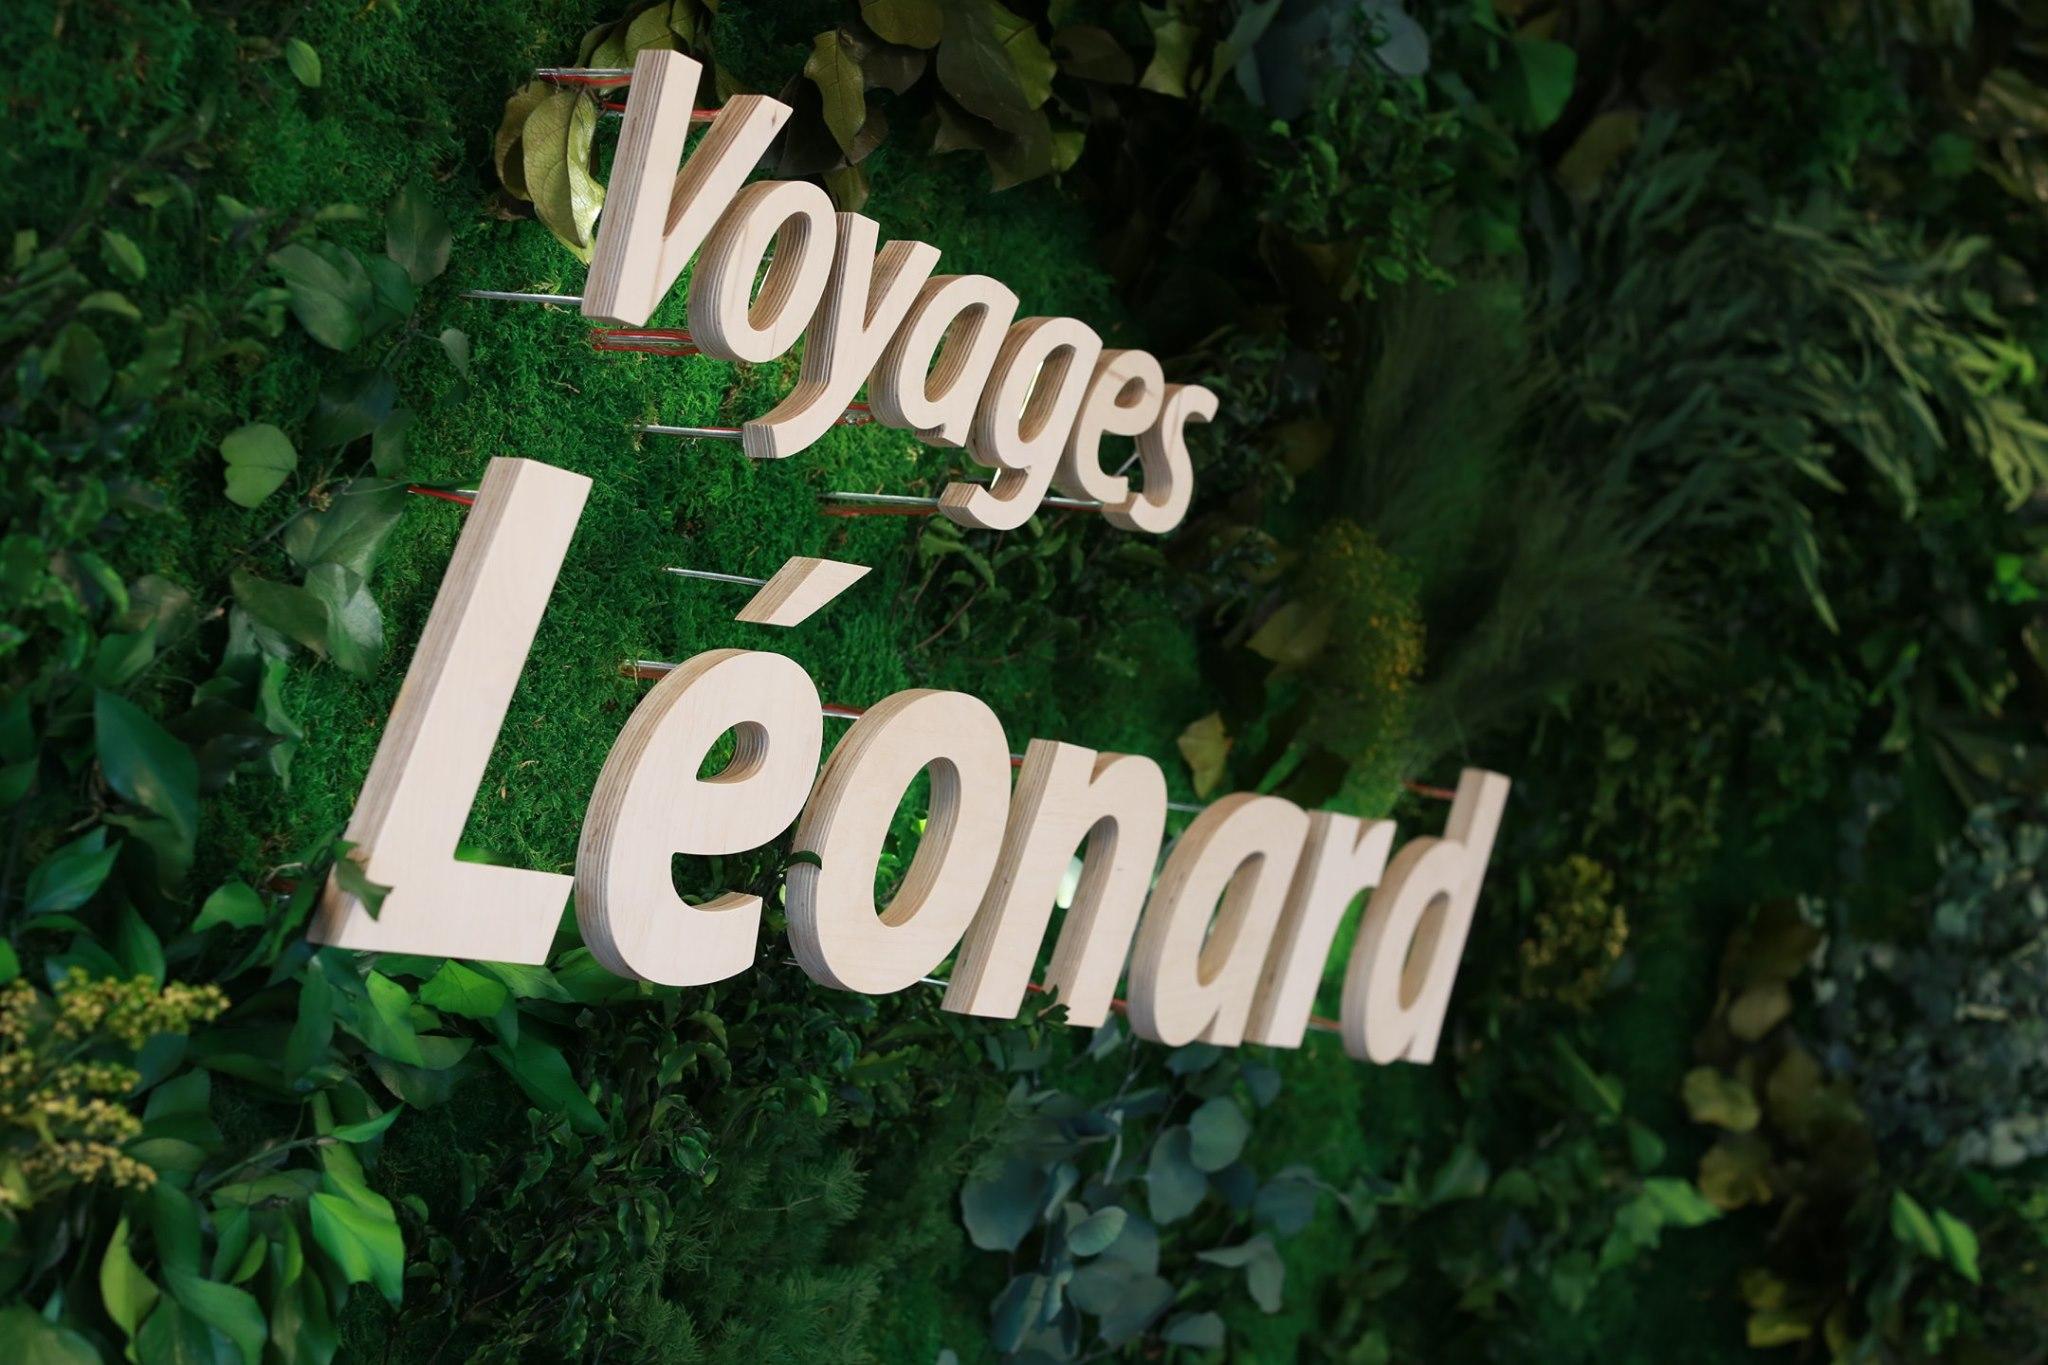 Les Bulldogs soutiennent leurs sponsors - Voyages Léonard